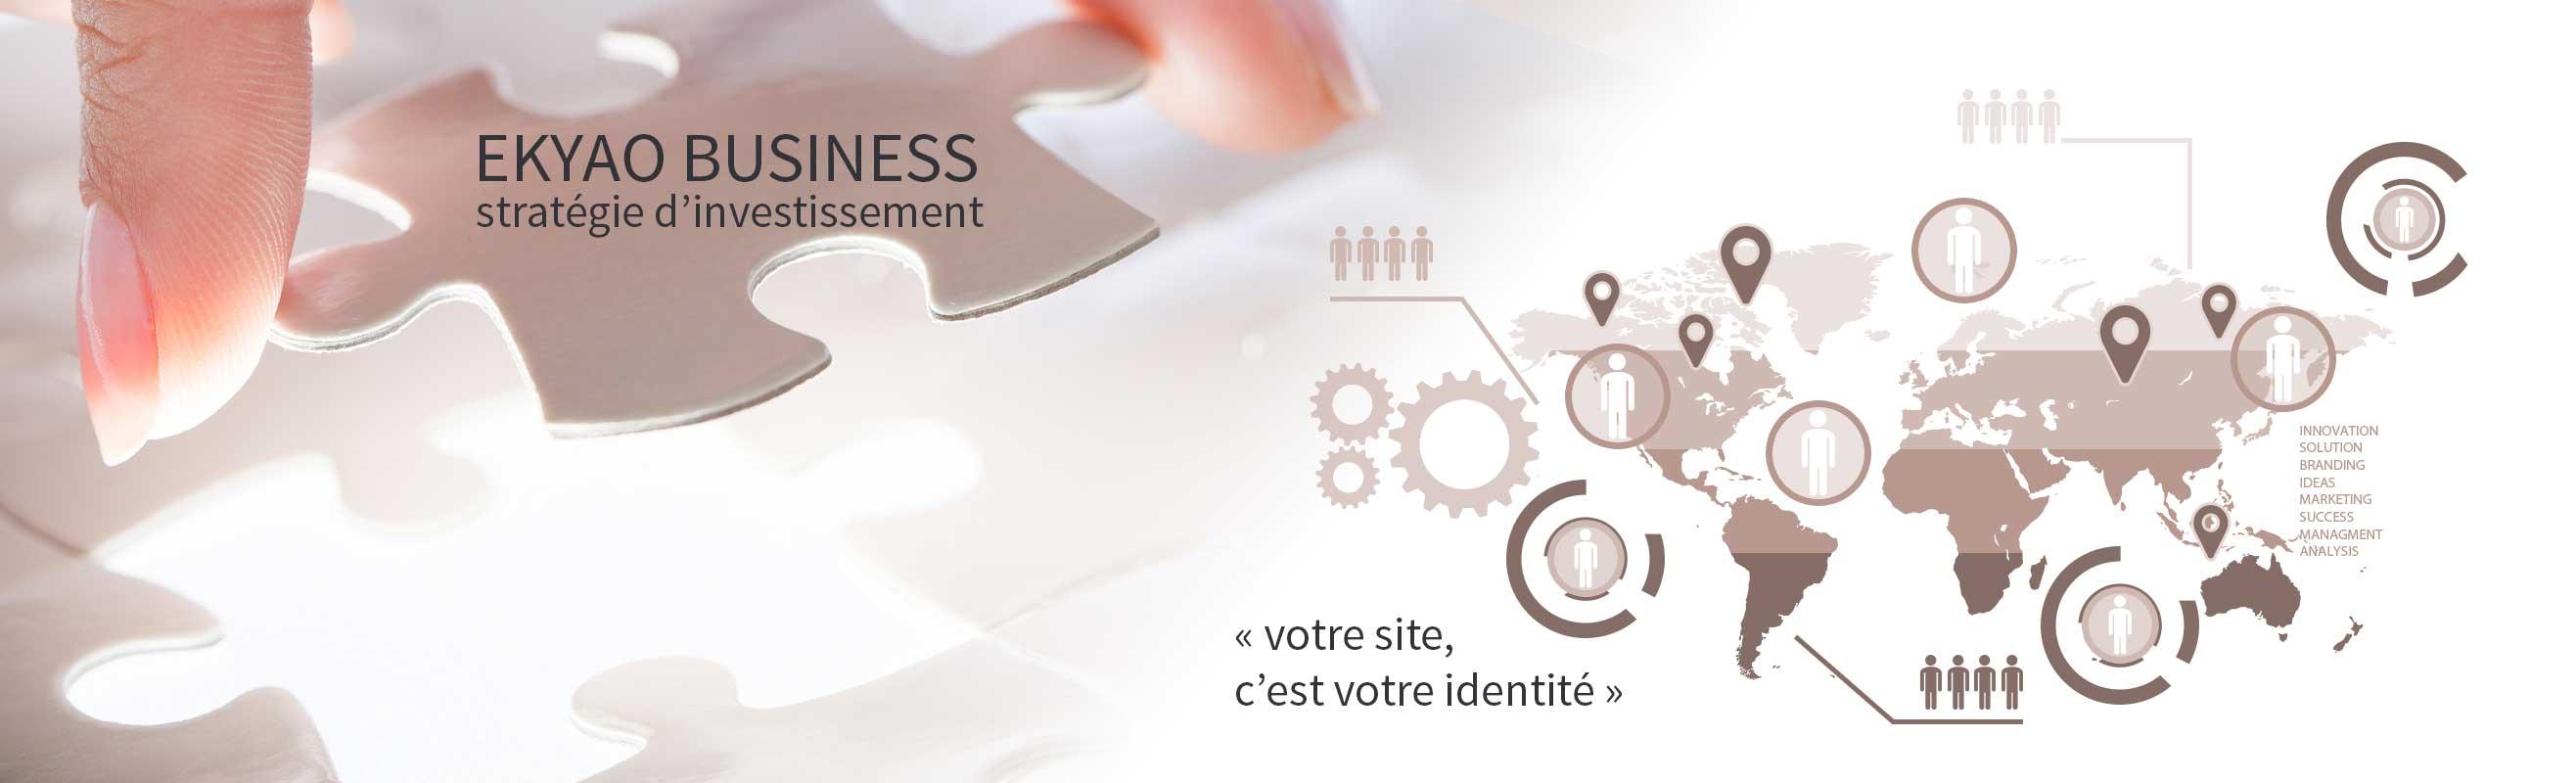 Ekyao Business - Web design. Stratégie d'investissement